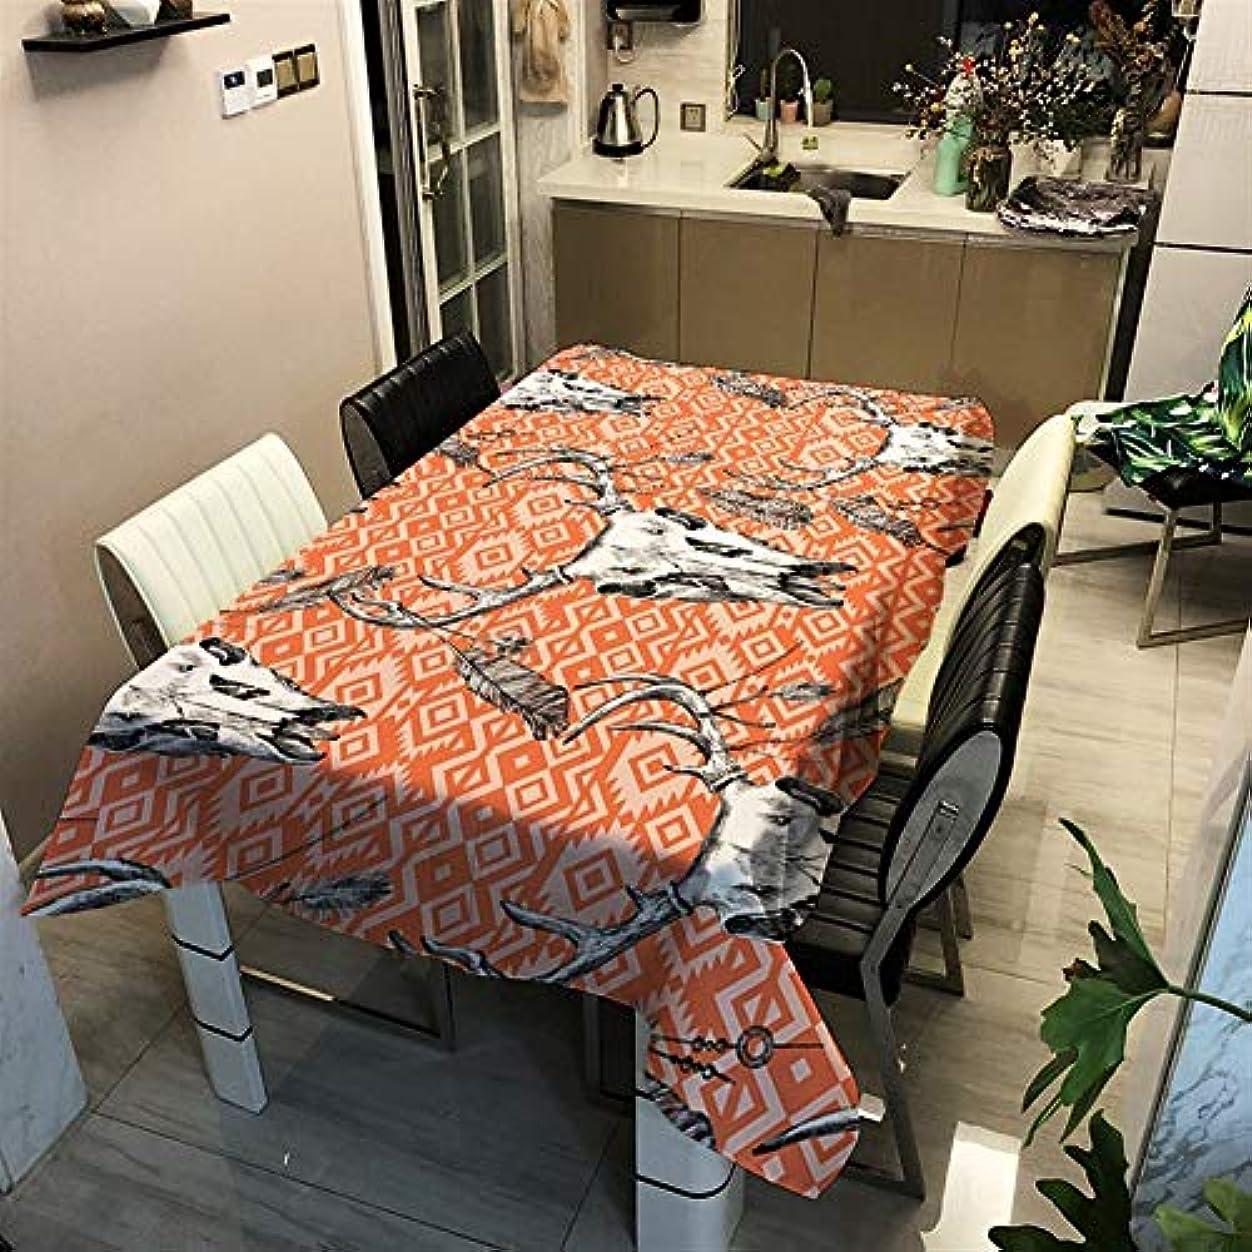 早める革命偽善撥水 テーブルクロス 防水ポリエステルオレンジ色のパターン 洗える (Color : 9, Size : 90x90cm)